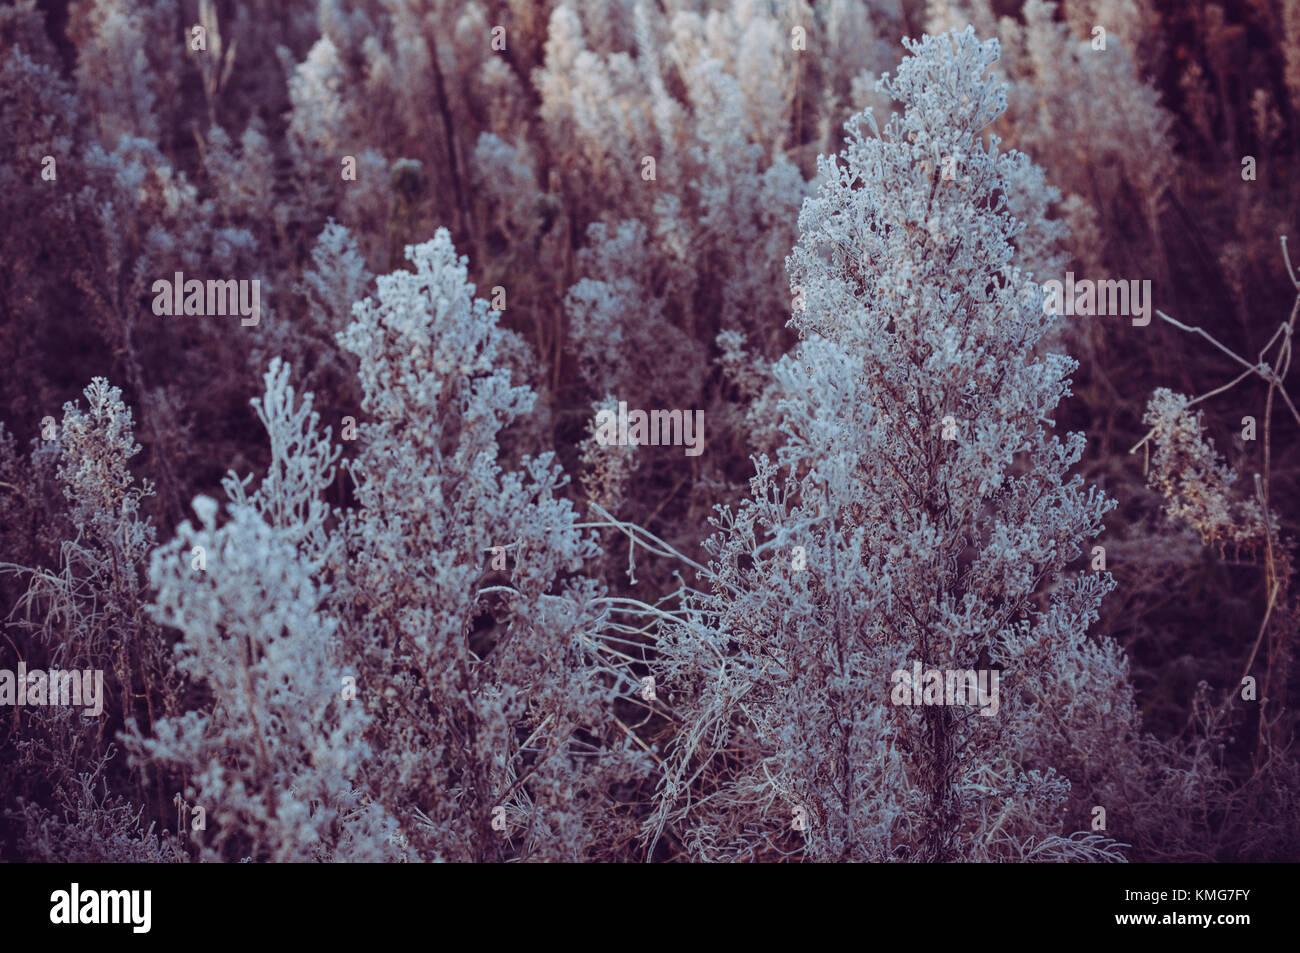 Winter frozen plants.Old garden. - Stock Image